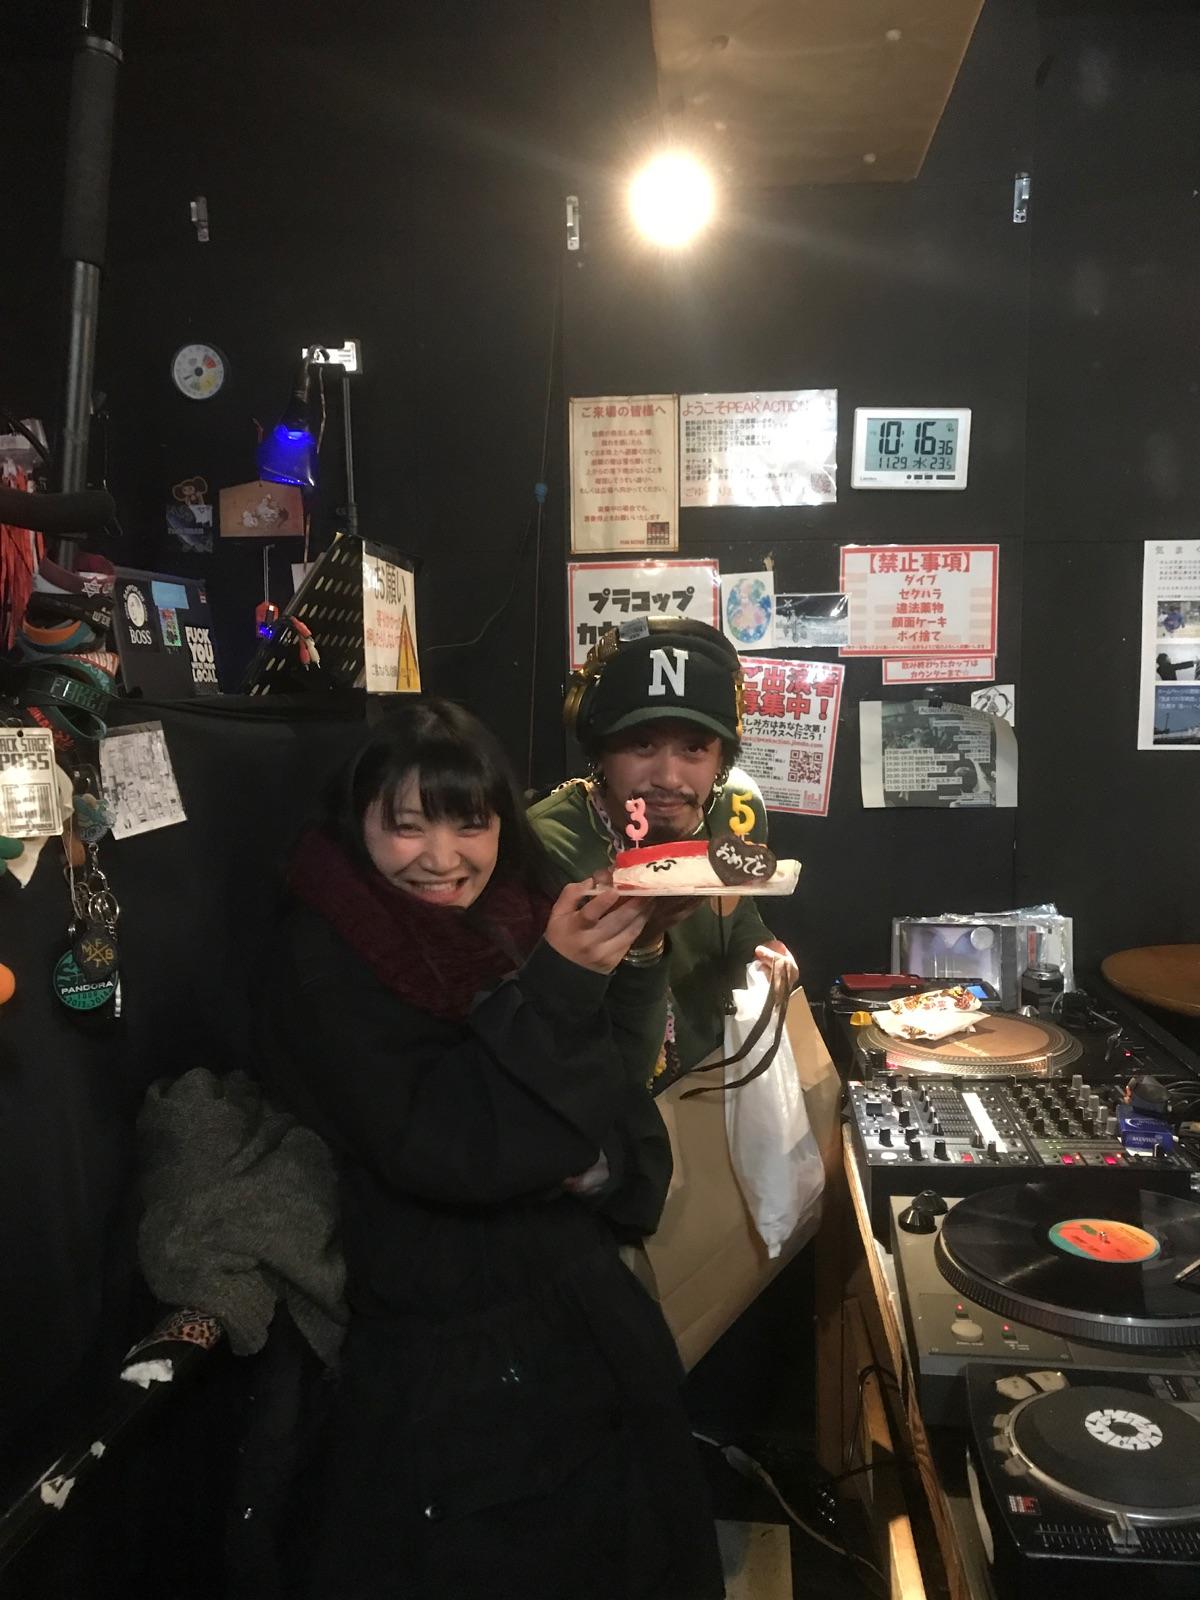 11/22 DJ 7010。お誕生日サプライズ!!!